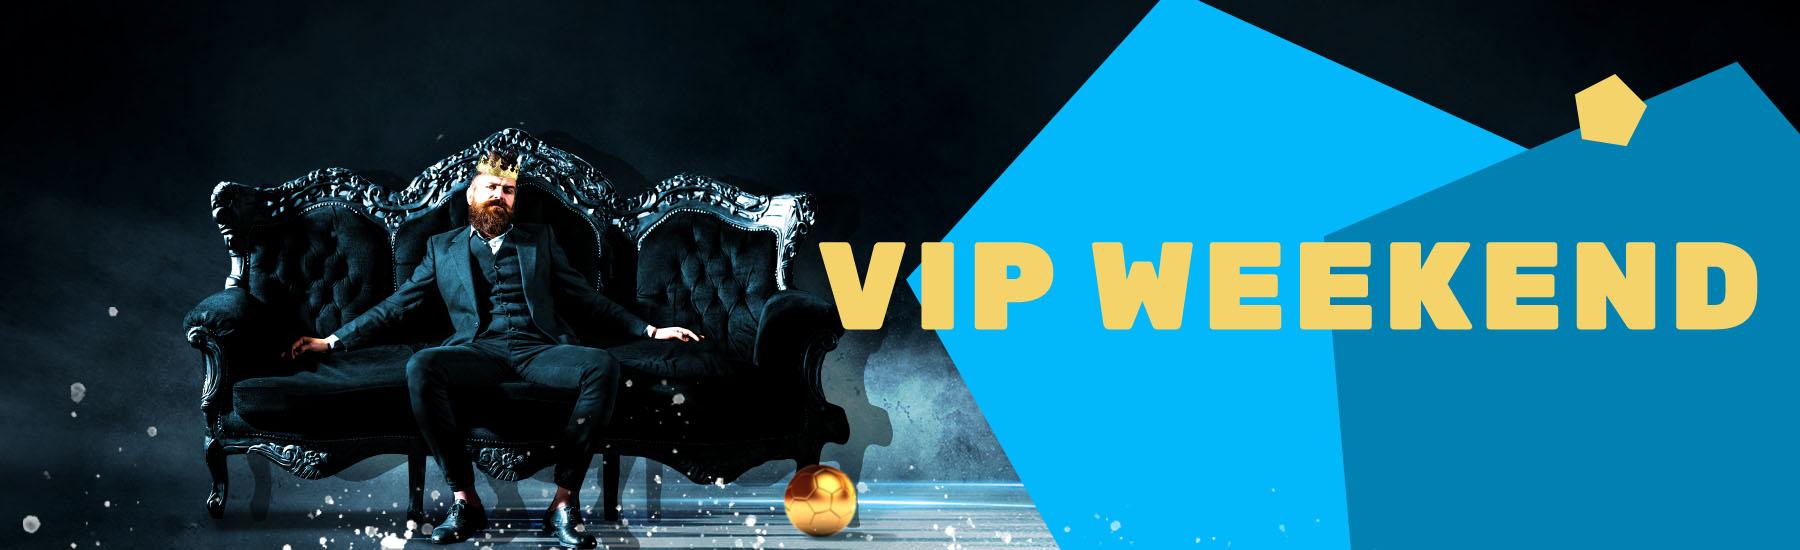 Bonus-Aktion: Einzahlbonus am VIP-Weekend   JAXX Sportwetten